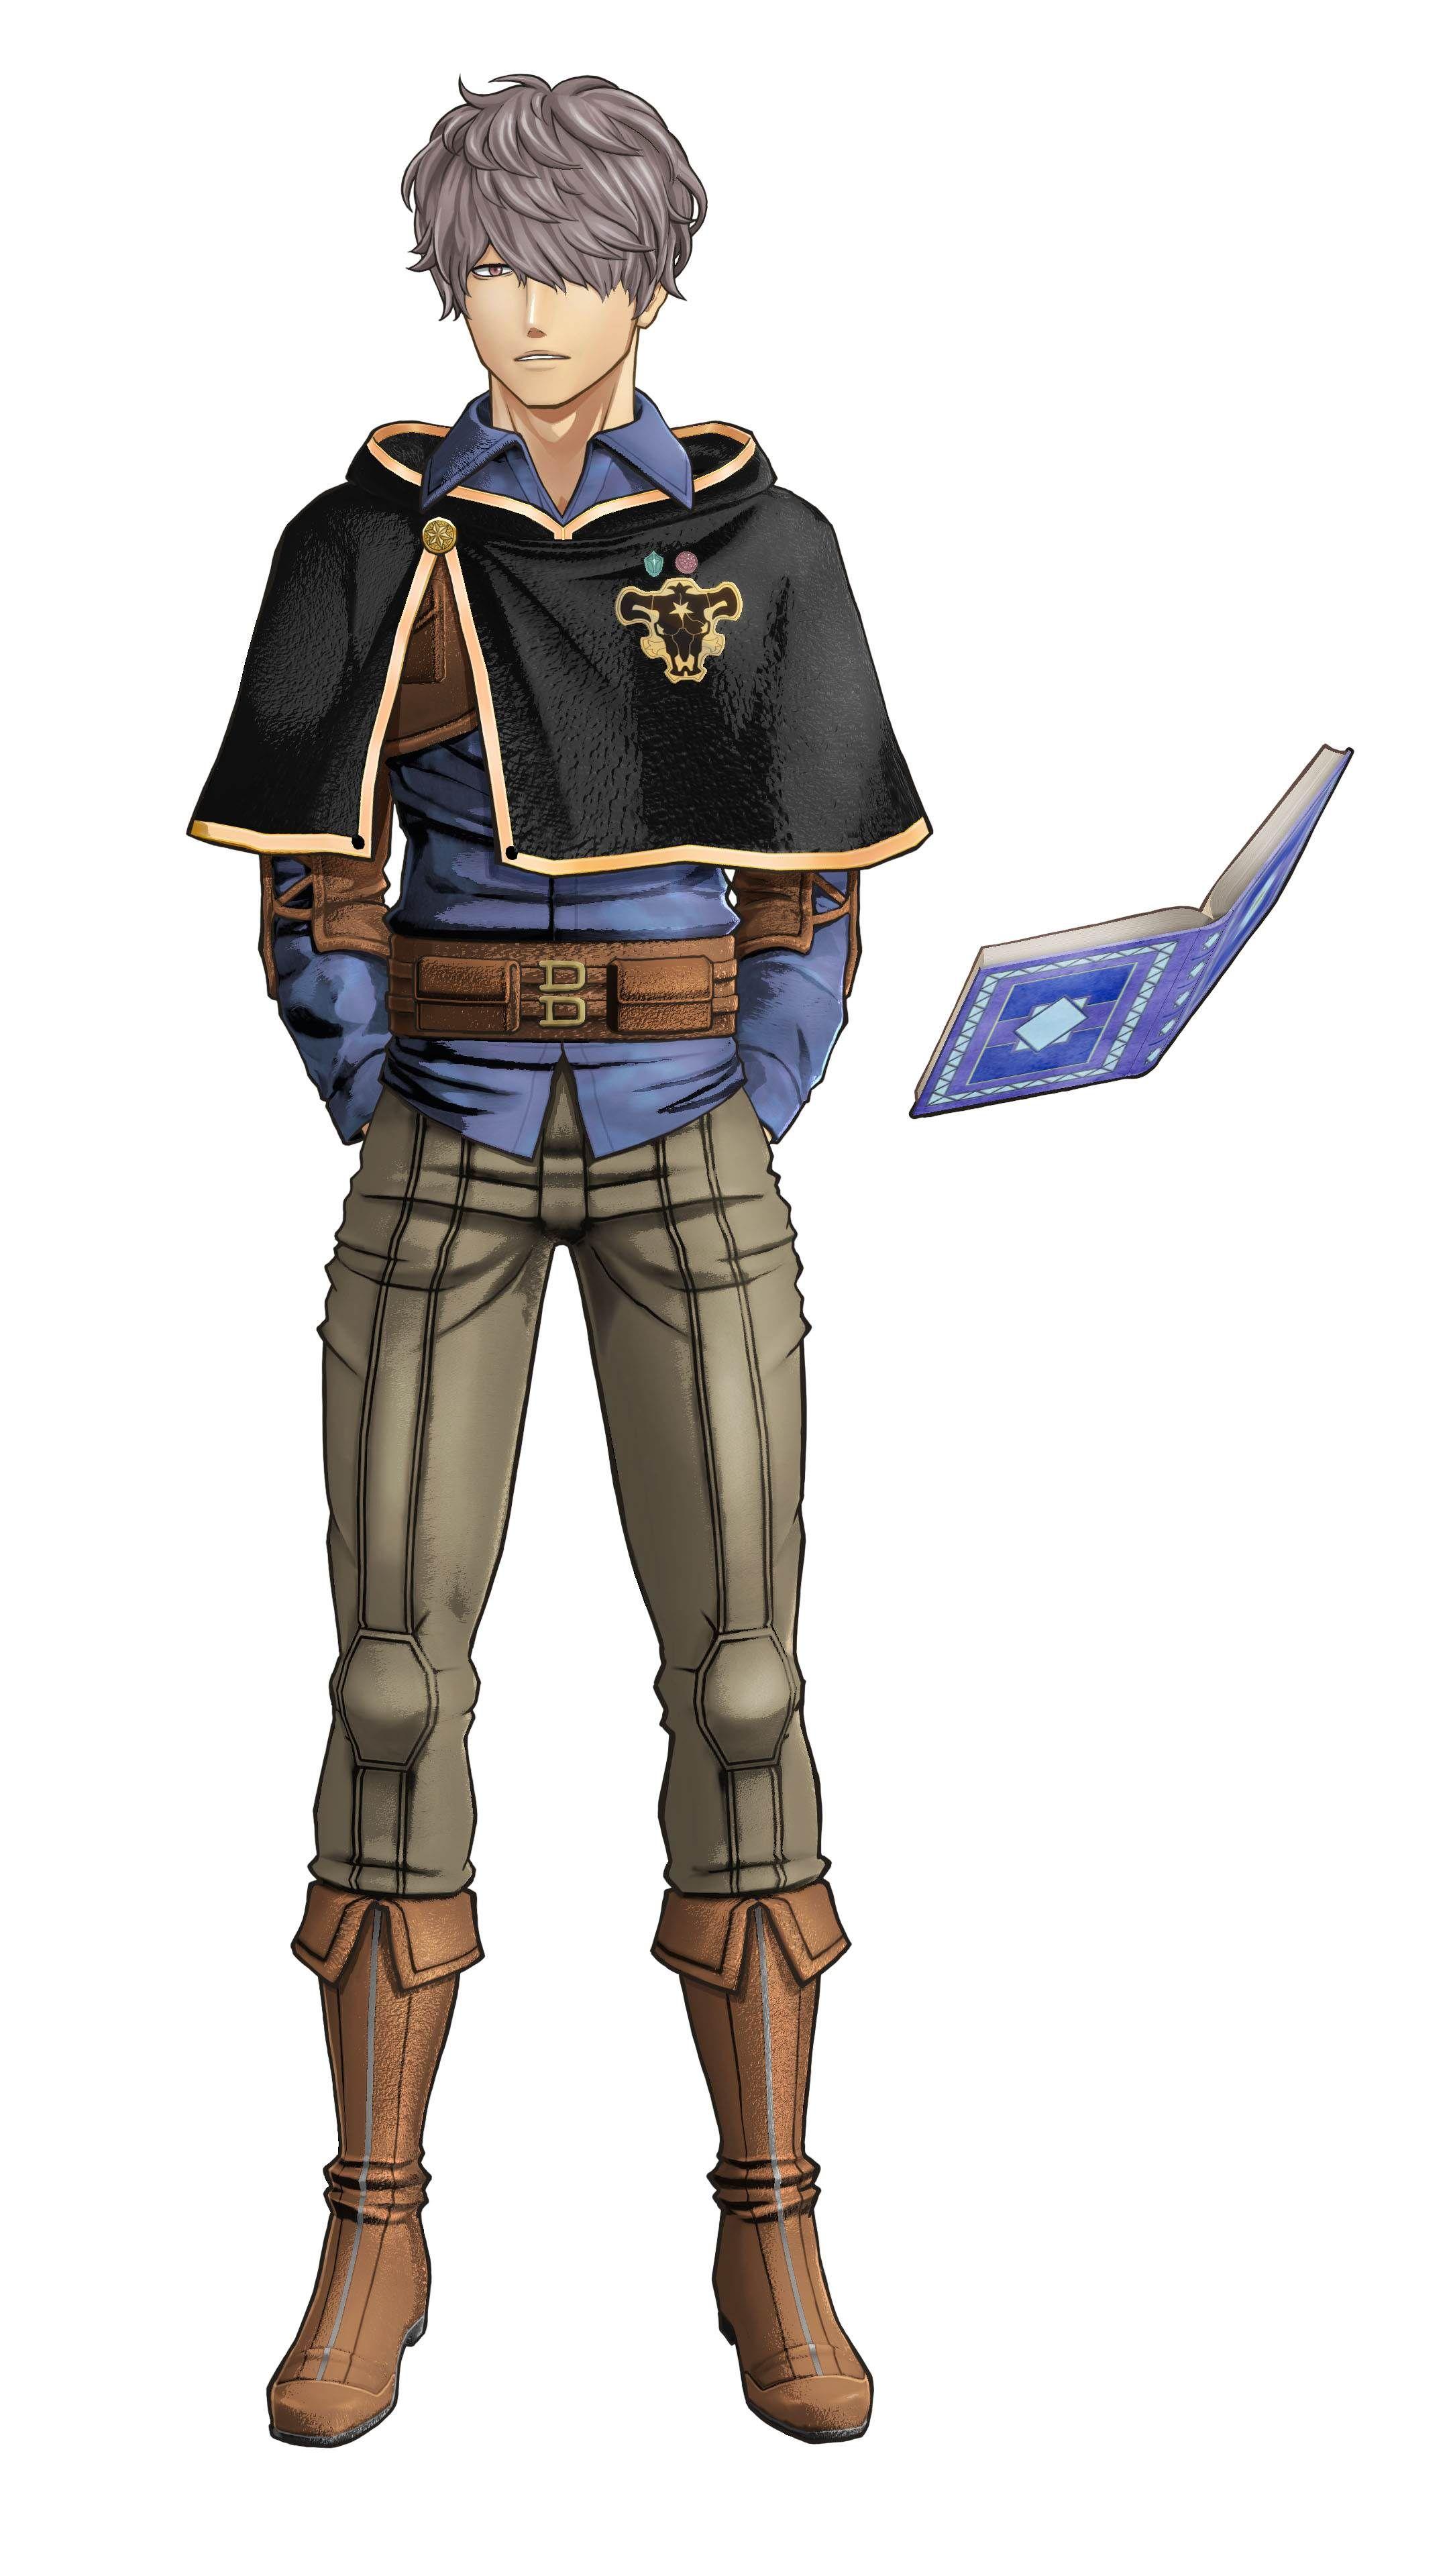 Gauche Adlai Gambar Anime Animasi Gambar